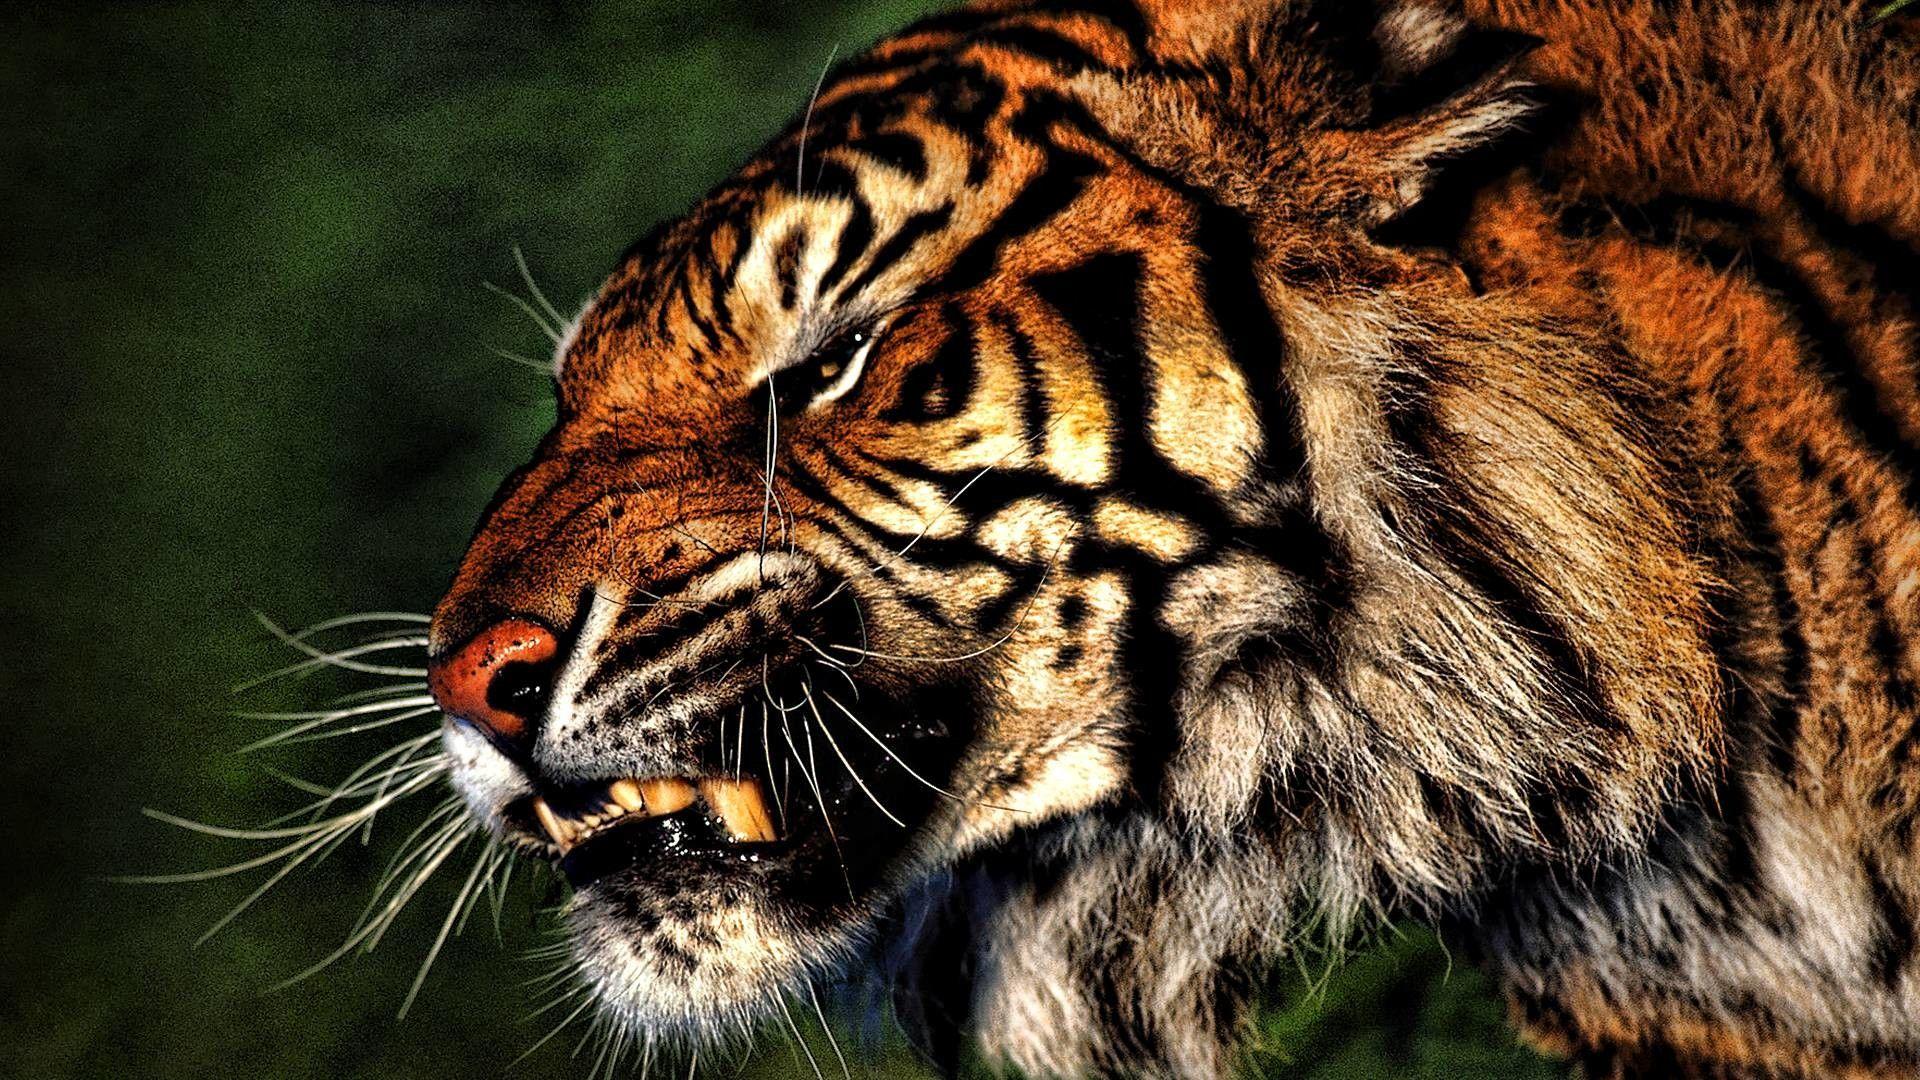 tiger images download